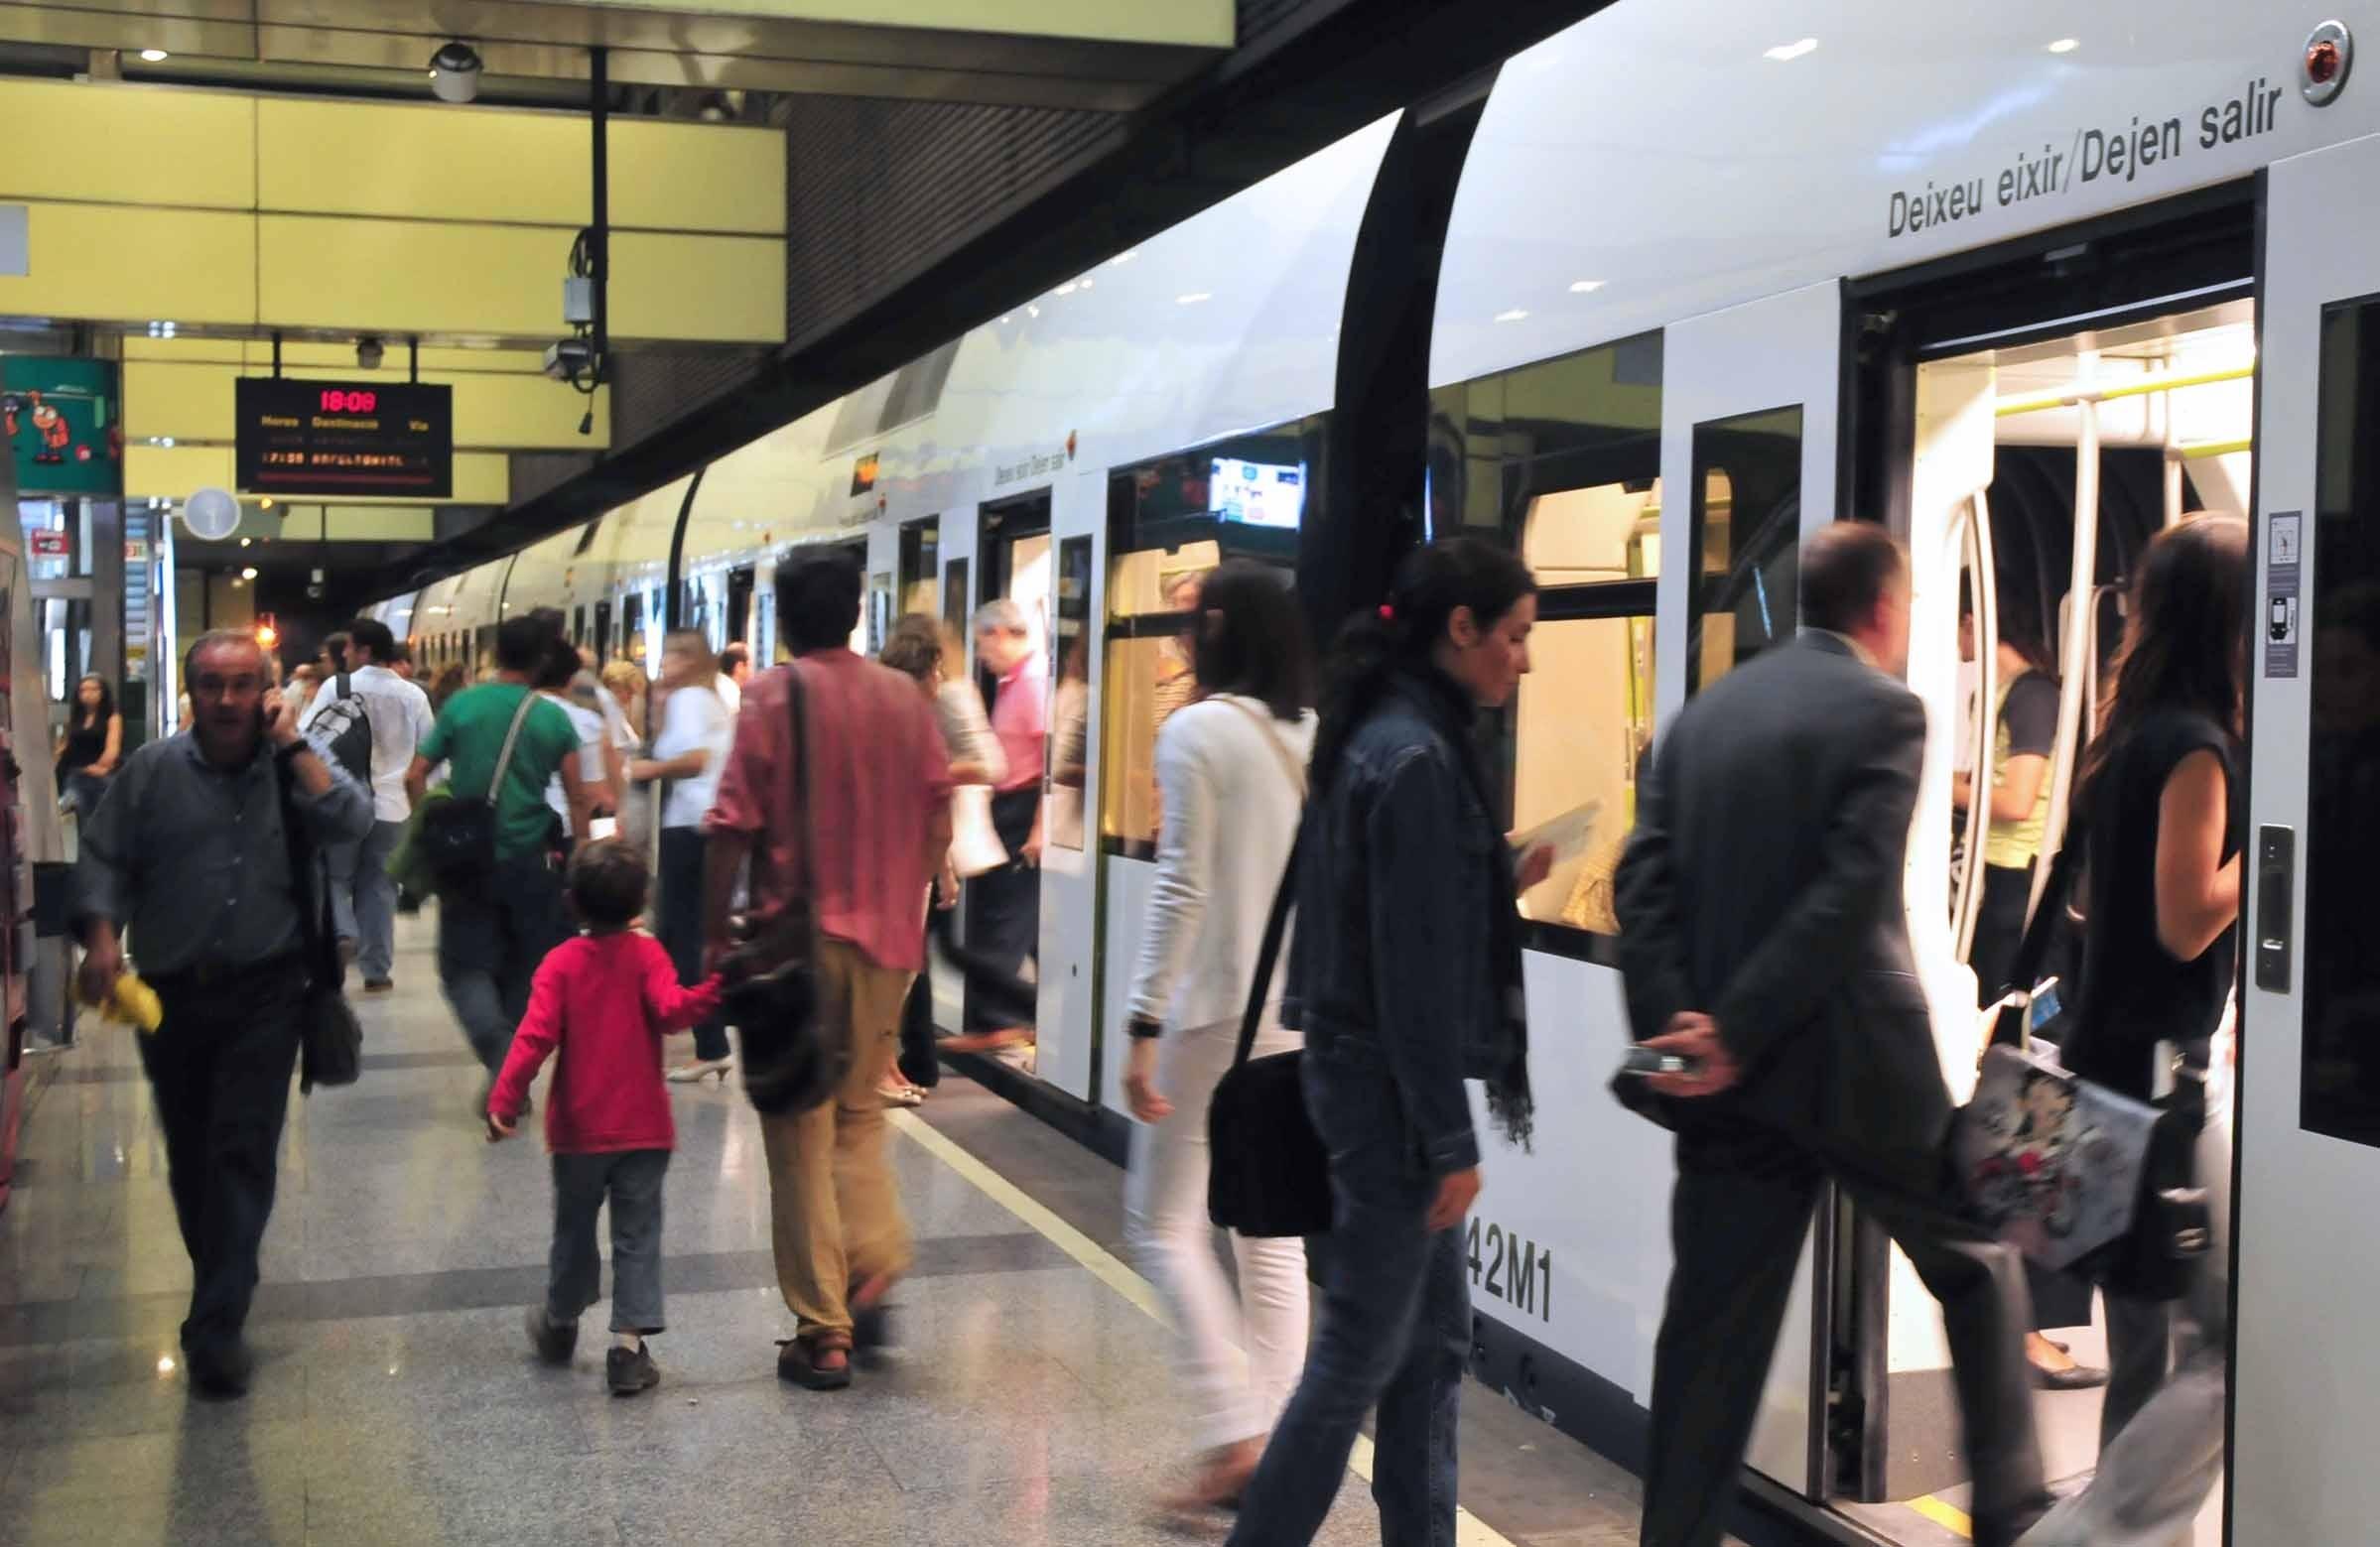 FGV corrige las frecuencias en Metrovalencia para los próximos «puentes largos» tras las quejas de usuarios